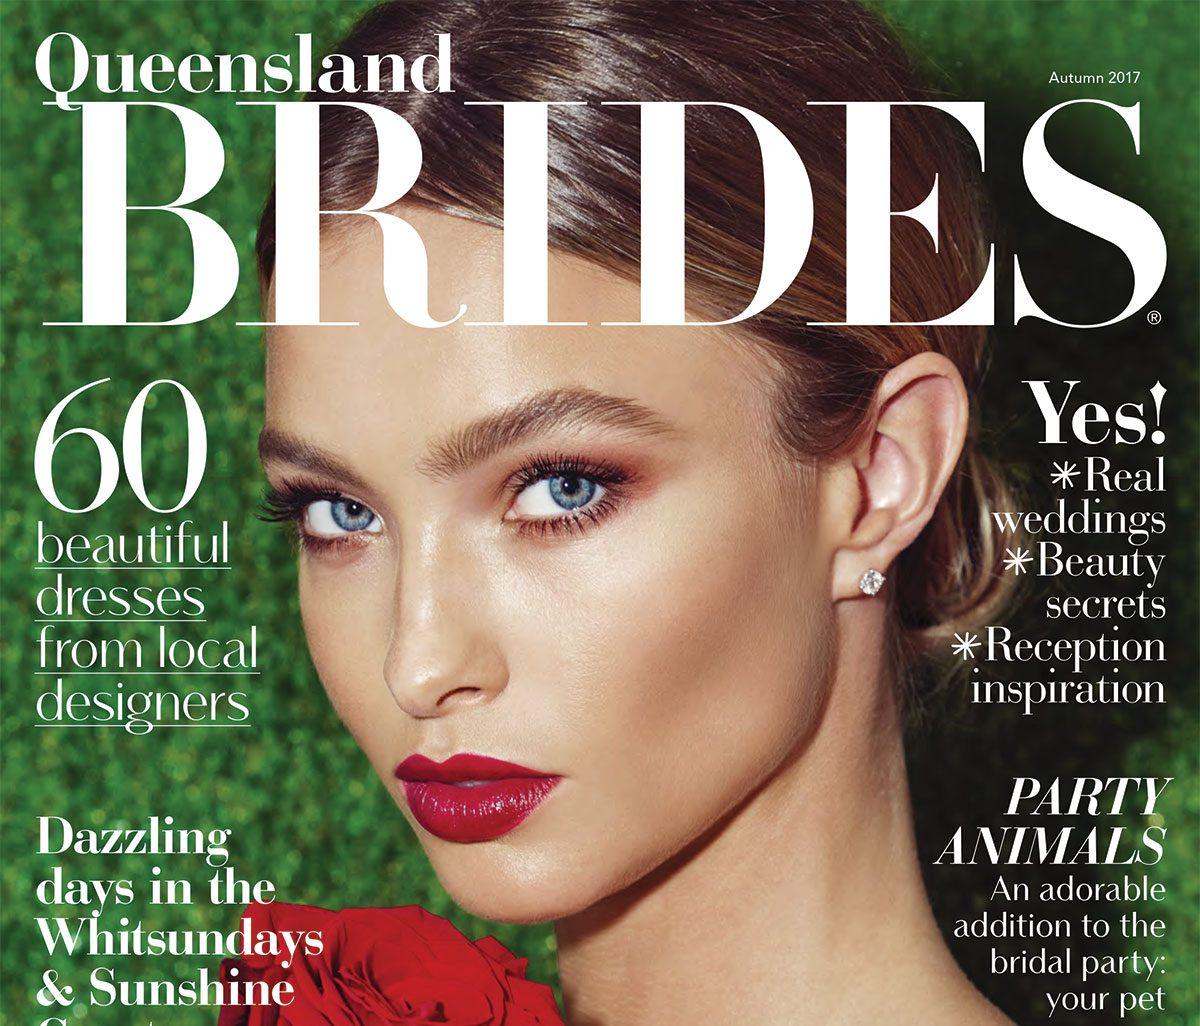 Queensland Brides Autumn 2017